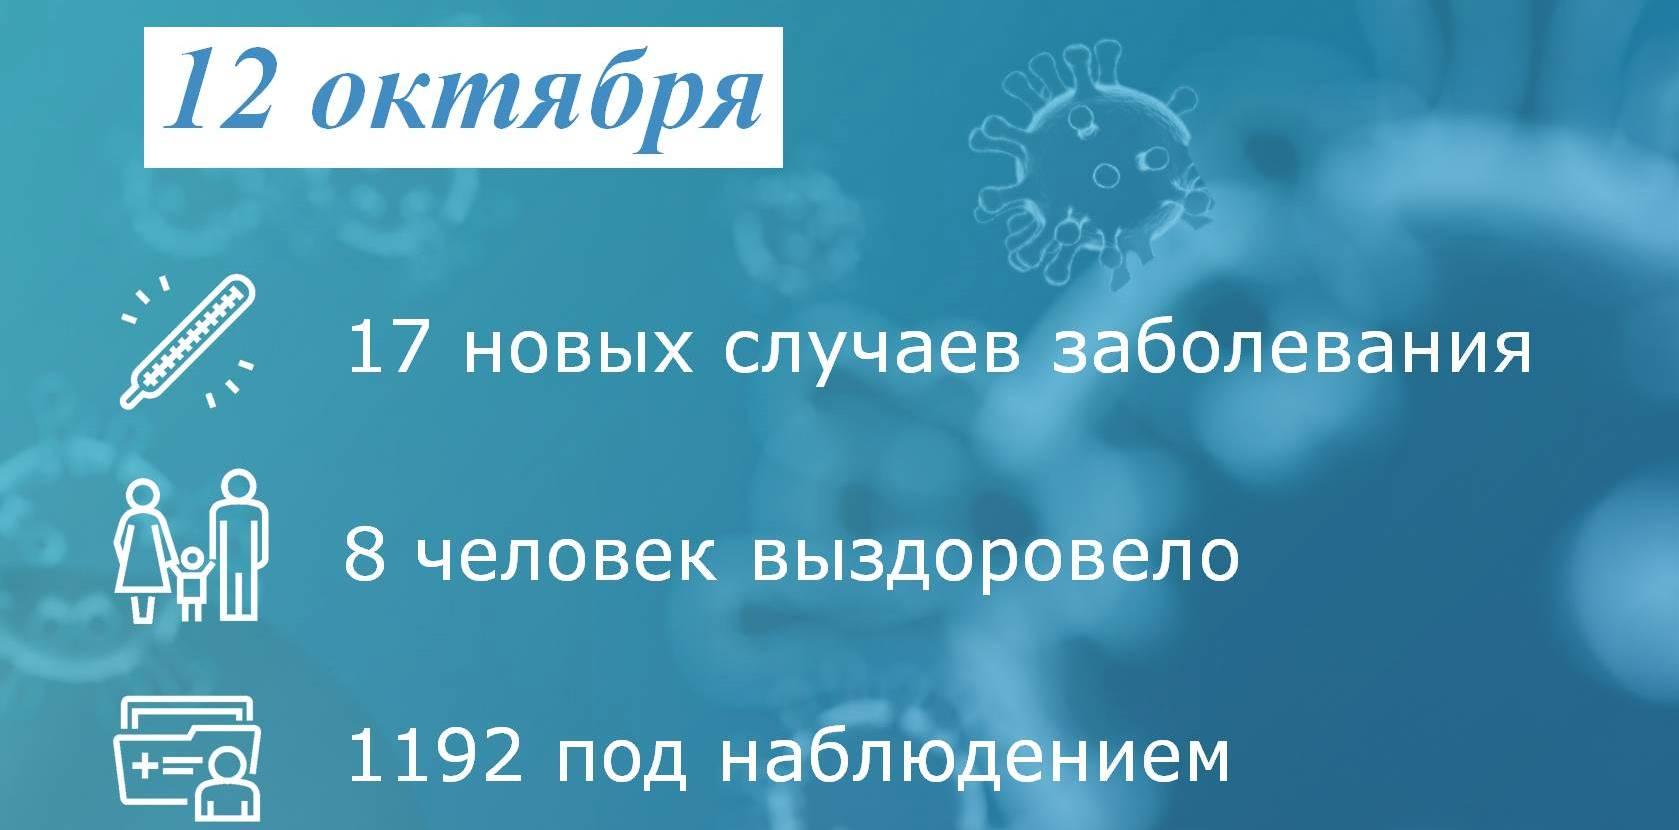 Коронавирус: в Таганроге заболели 17 человек